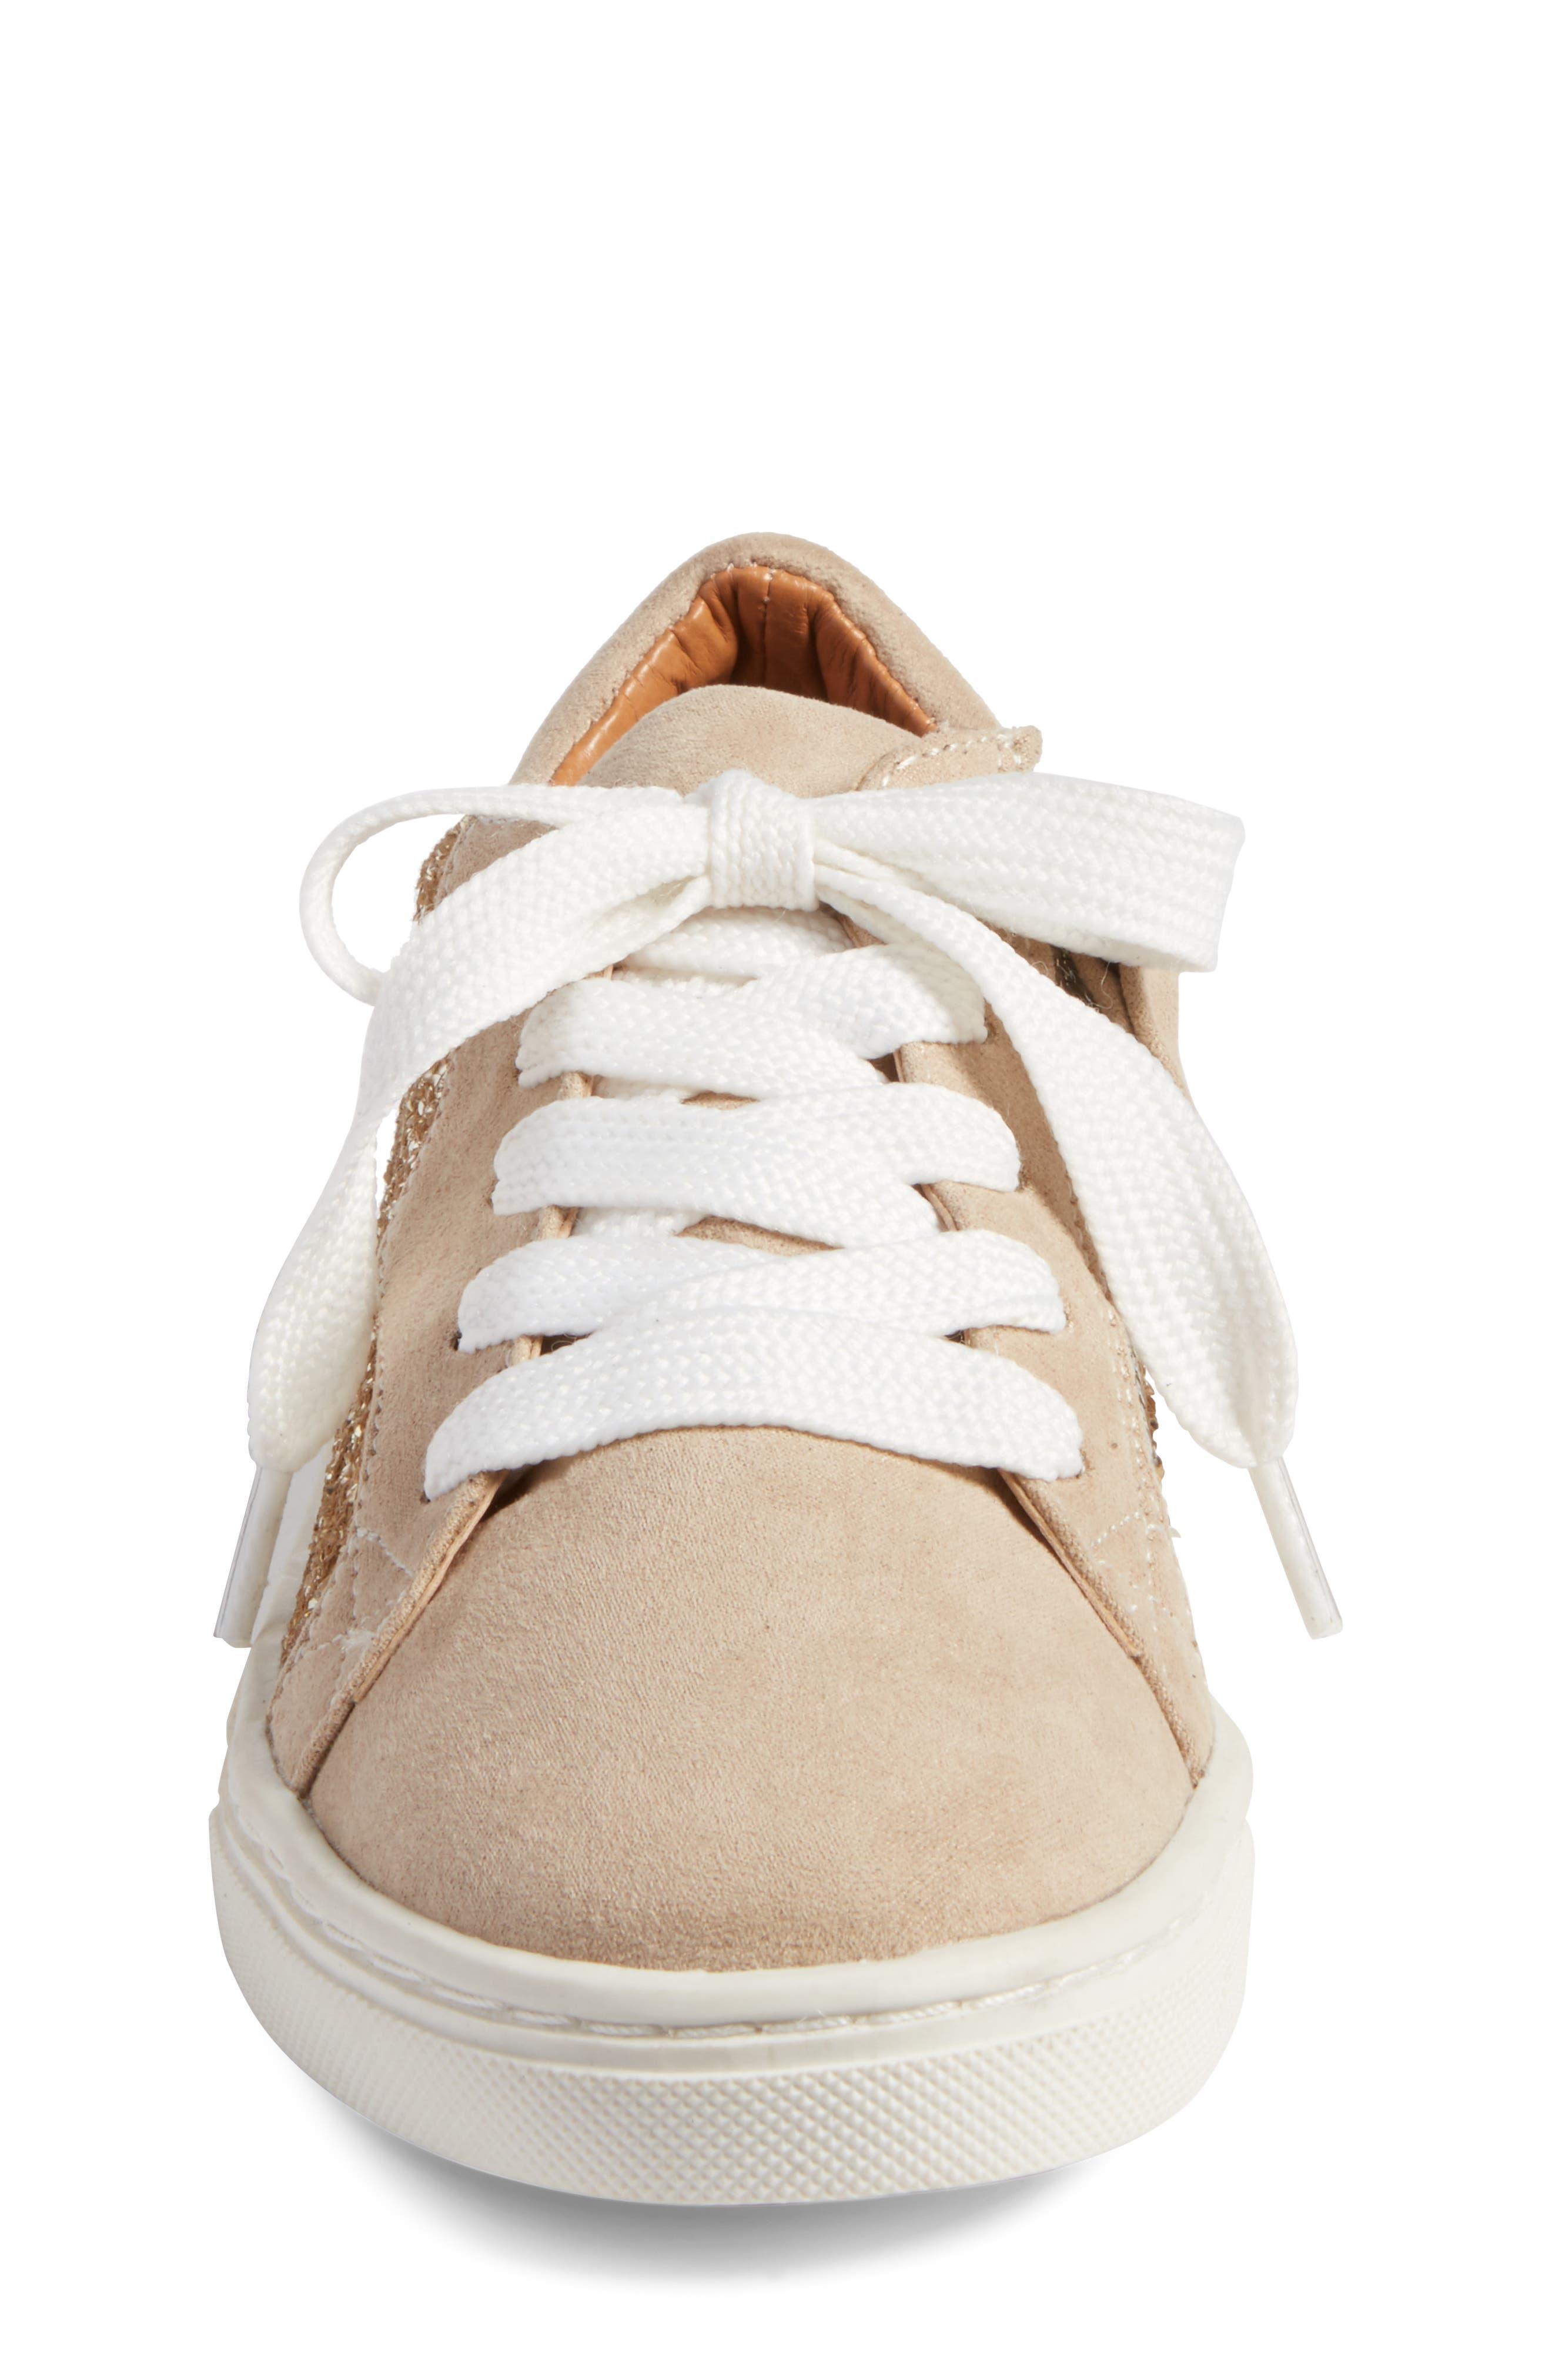 Zaida Low Top Sneaker,                             Alternate thumbnail 8, color,